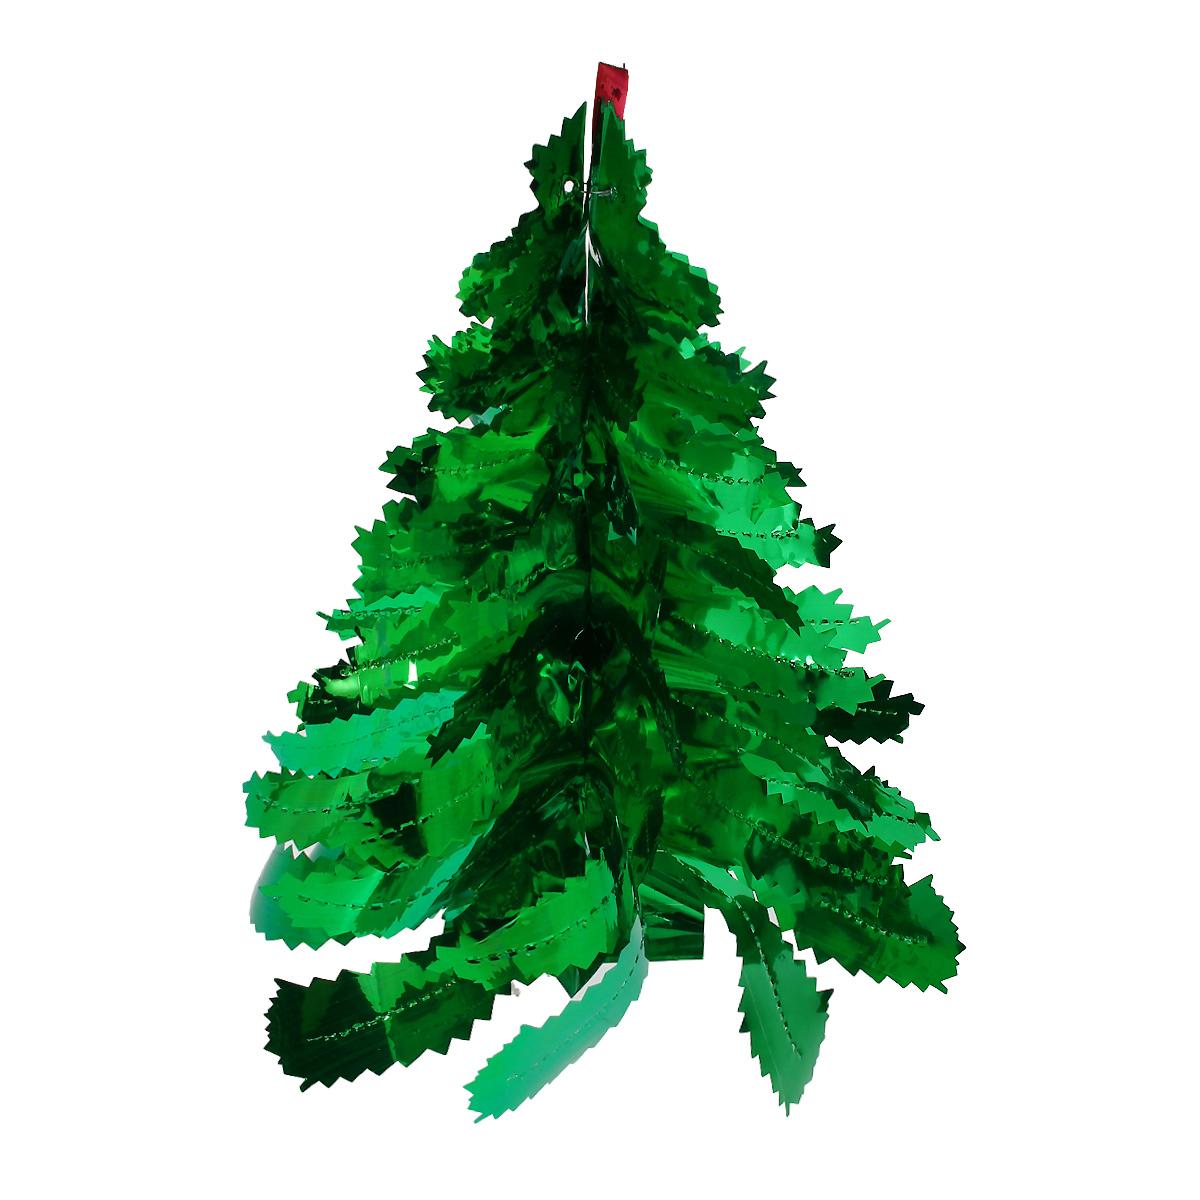 Новогодняя гирлянда Феникс-Презент Елочка зеленая, цвет: зеленый, 17,5 х 36 см